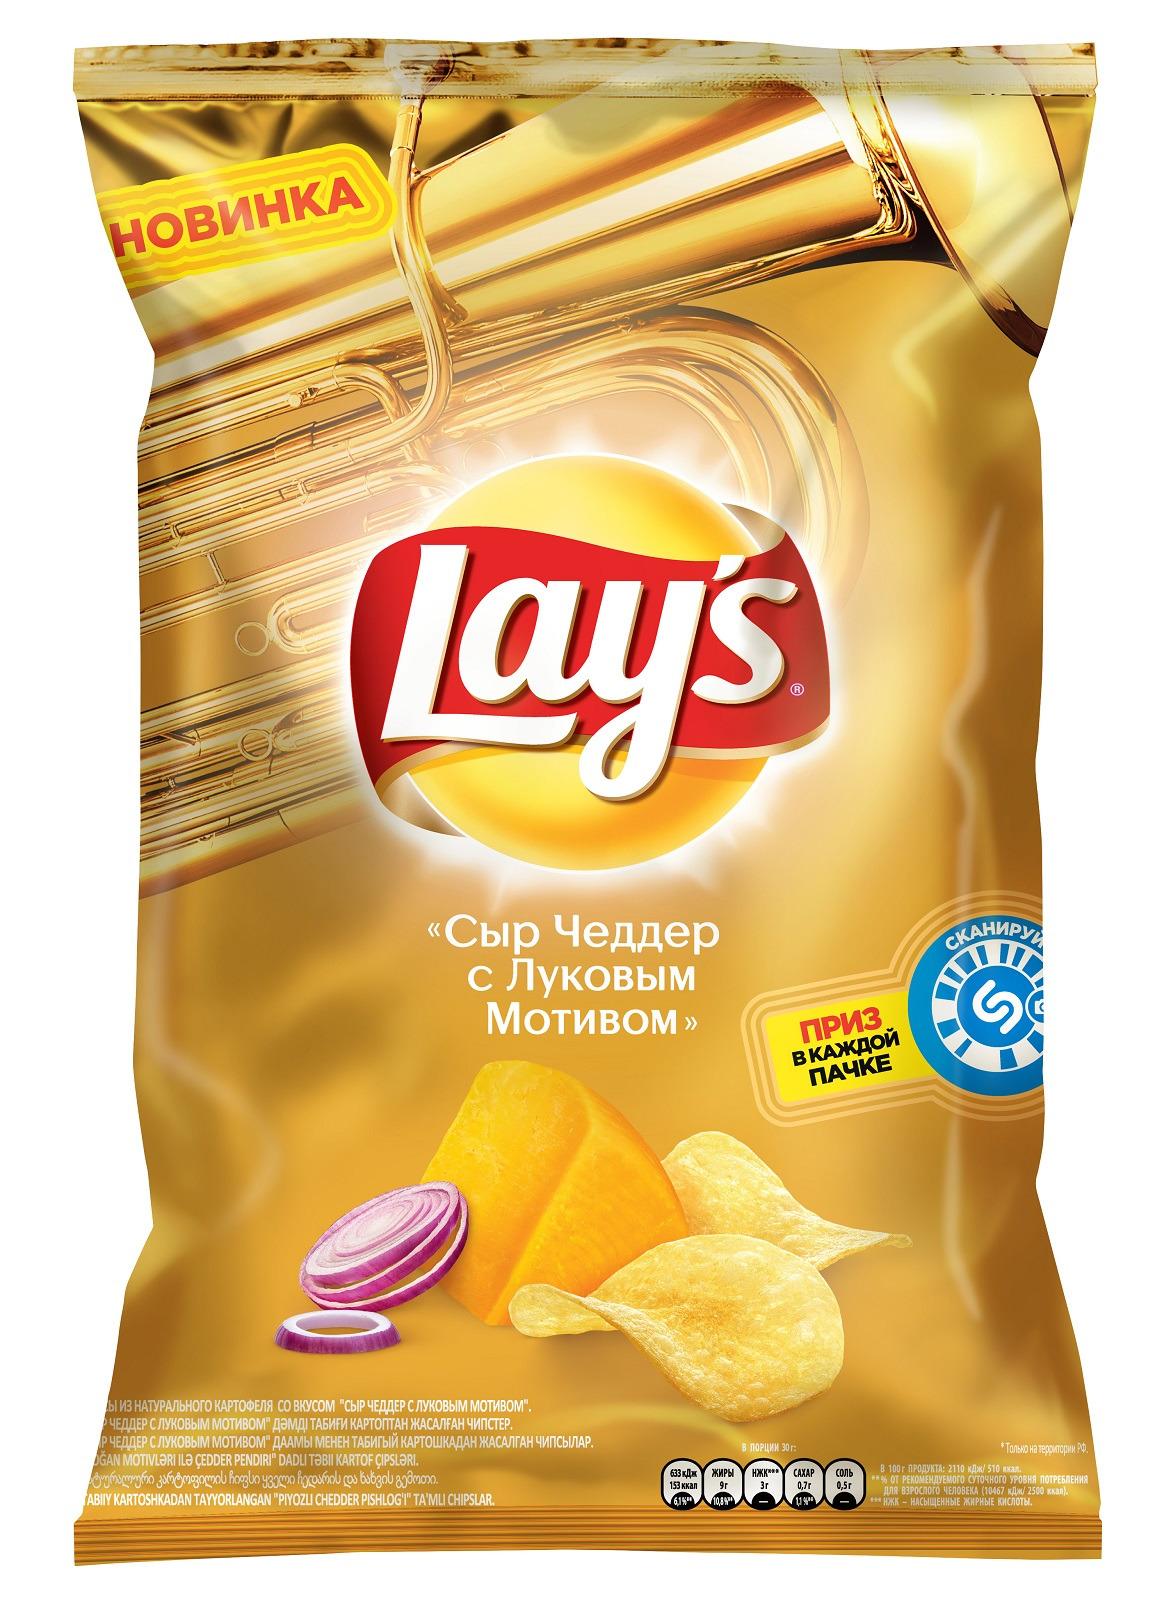 Чипсы Lay's Сыр Чеддер с луком, картофельные, 140 г чипсы картофельные русская картошка сыр 150 г